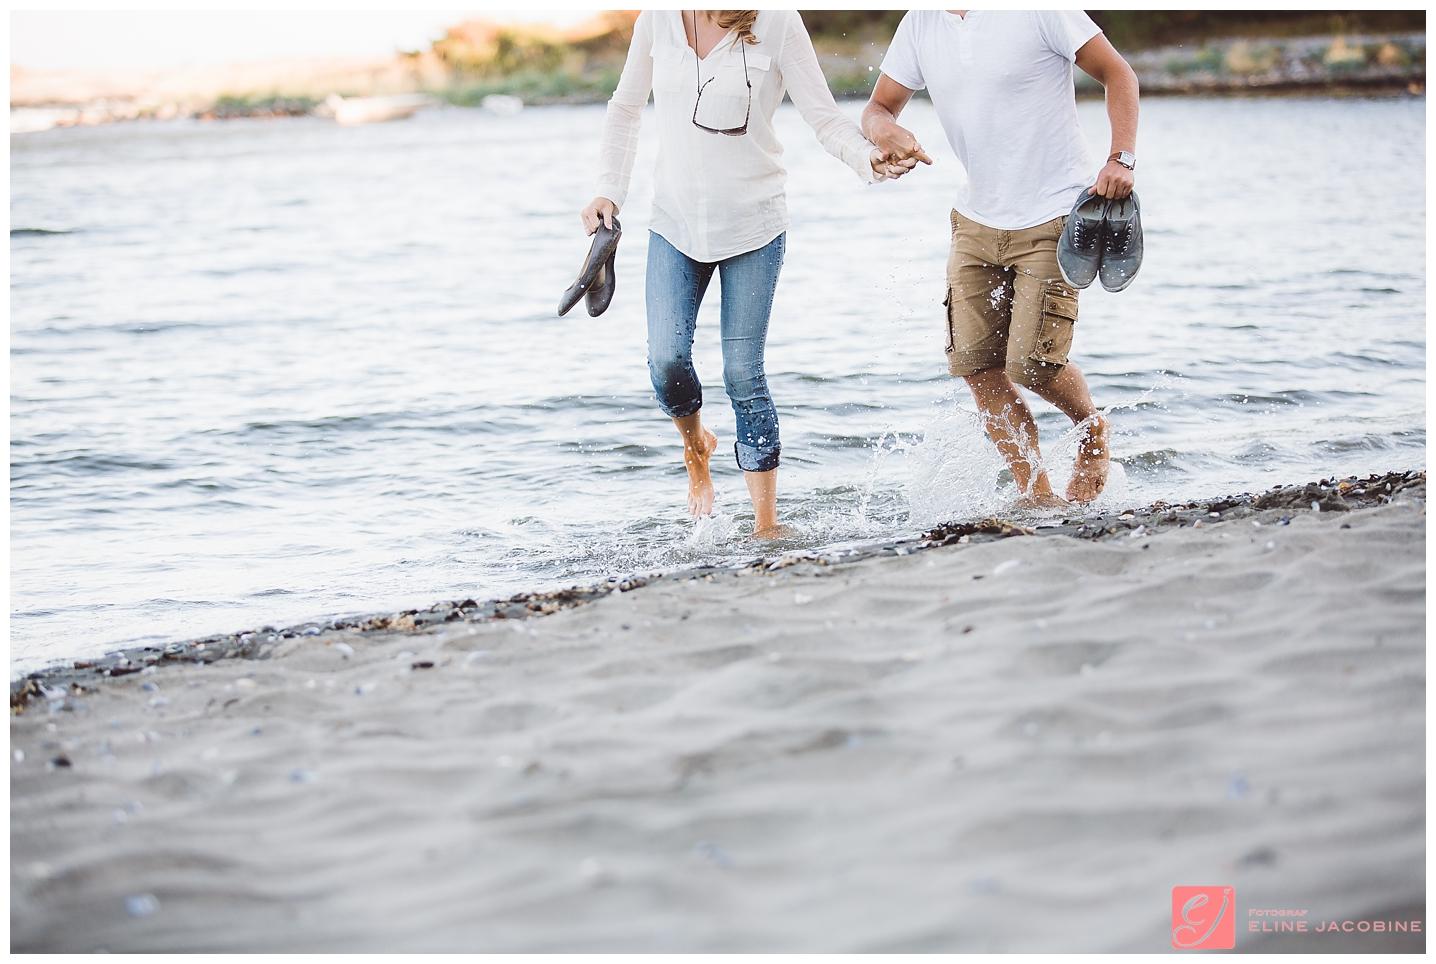 Kjærestebilder på Hvaler naturlige bilder